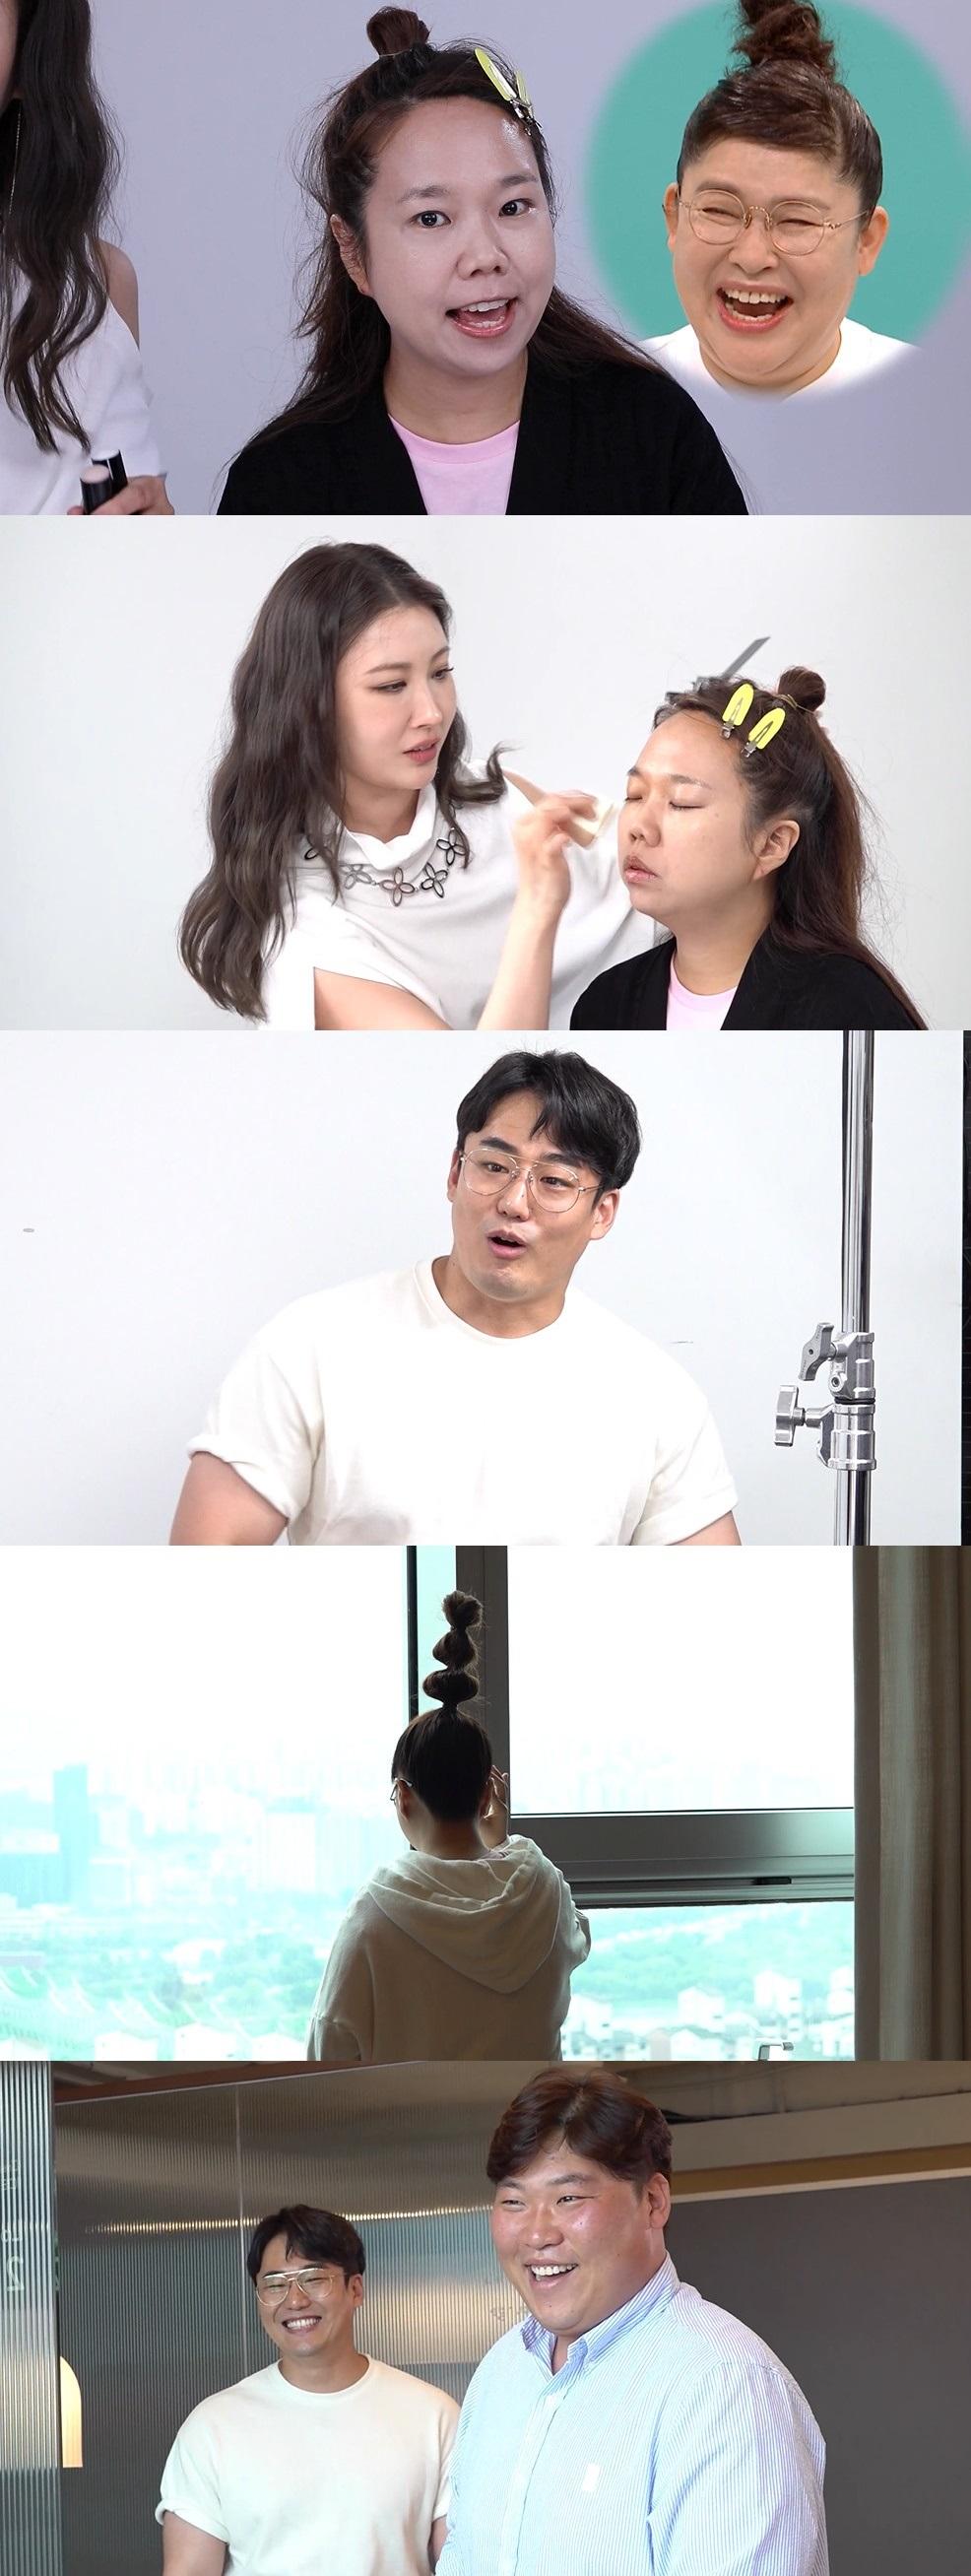 '전참시' 홍현희, 이사배 손길 받고 이영자 완벽 재현